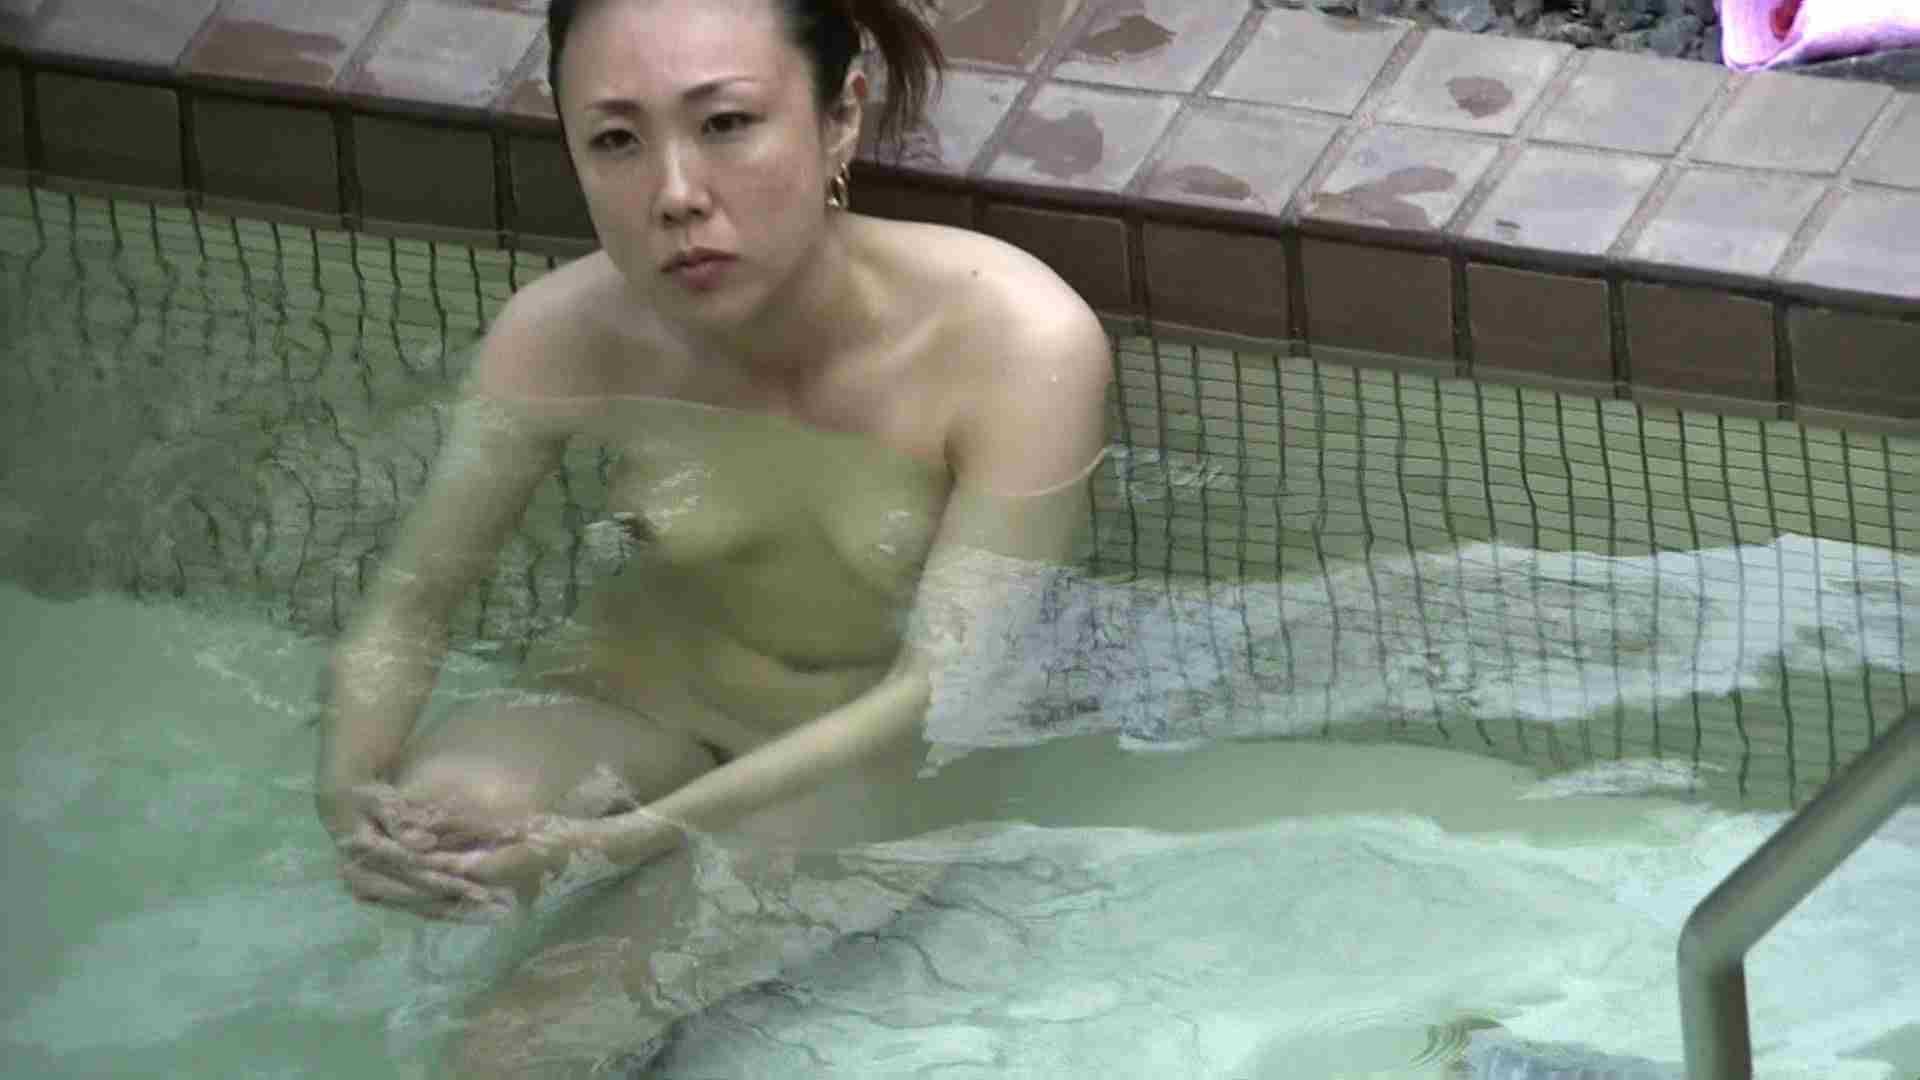 Aquaな露天風呂Vol.654 OLすけべ画像  38連発 33